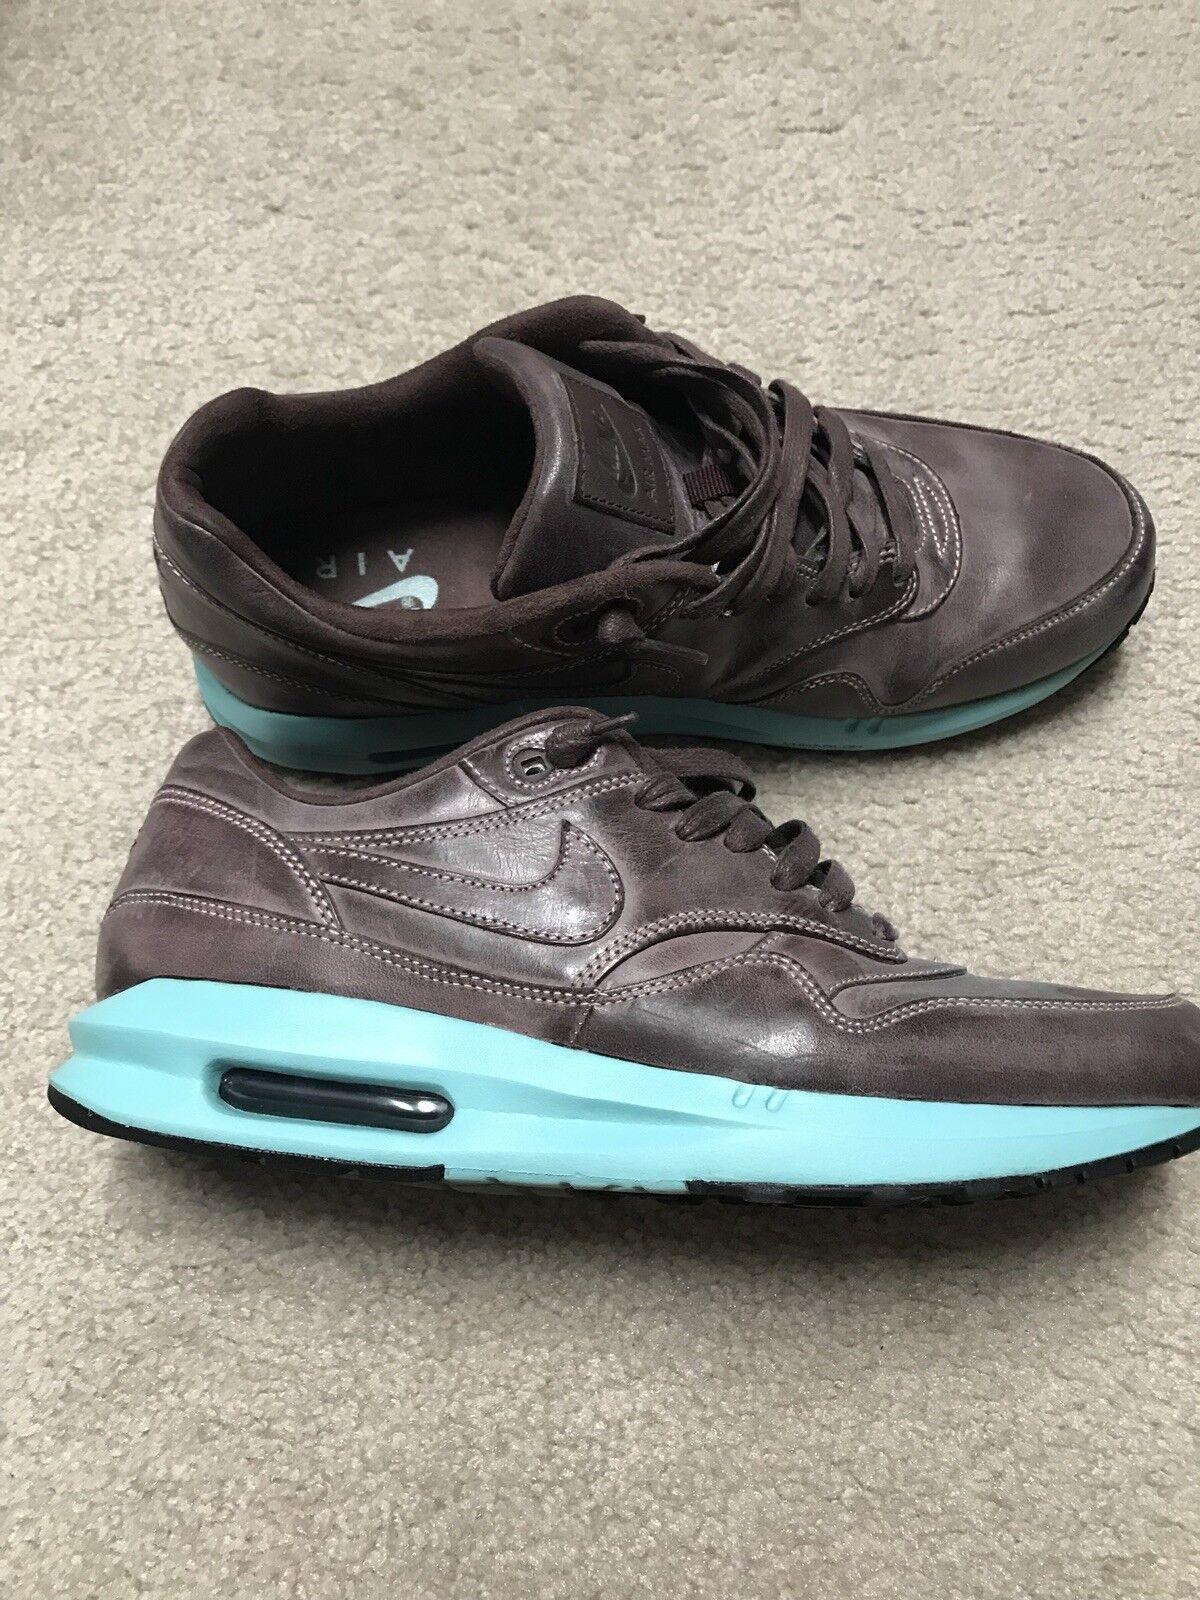 Nike air max 1 poliertes leder / insel lunar grüne männer - 10